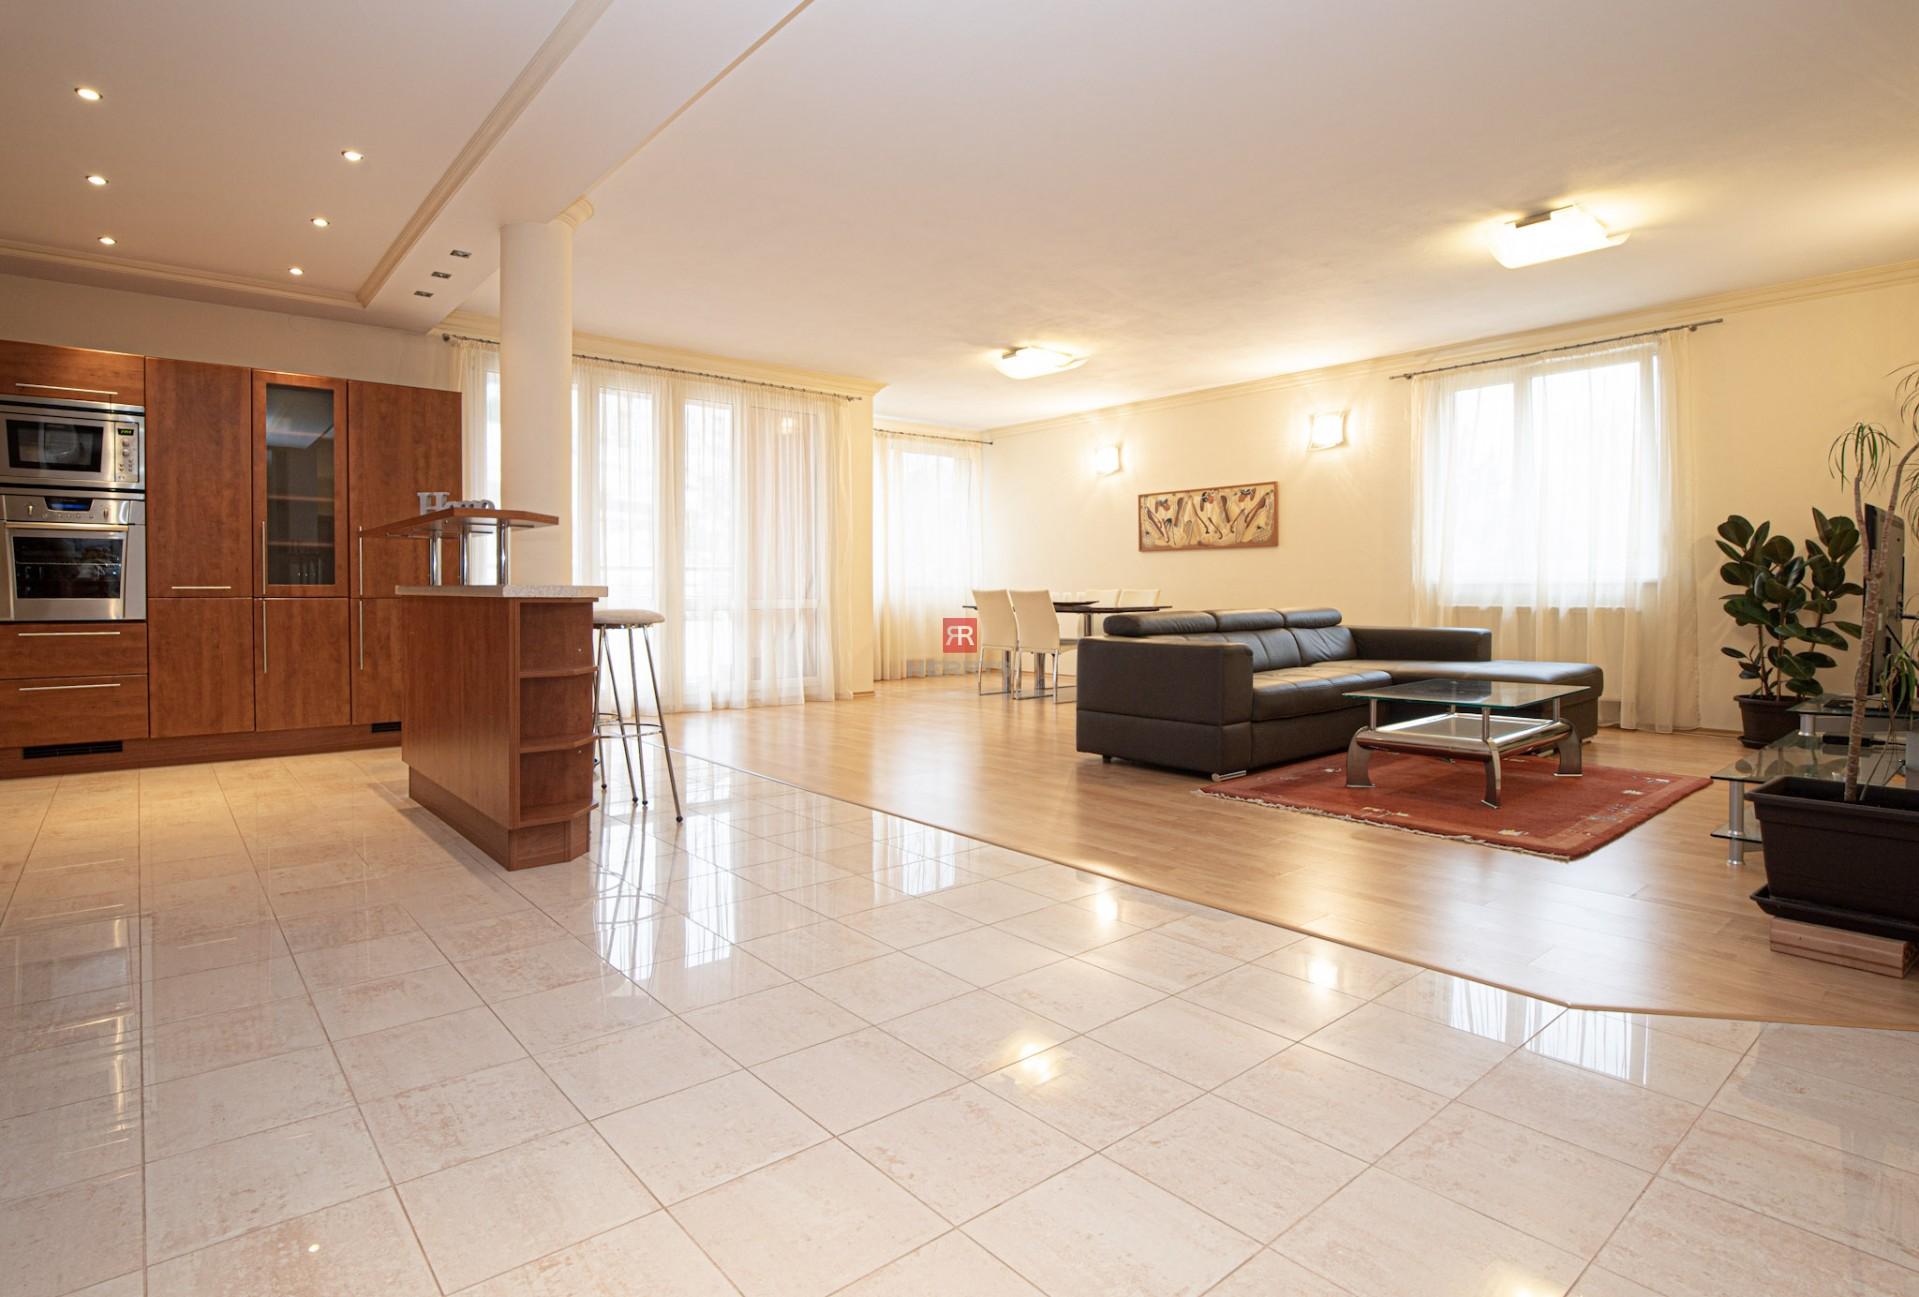 HERRYS - Na prenájom priestranný 3 izbový byt s garážou vo vyhľadávanej lokalite Dúbravky